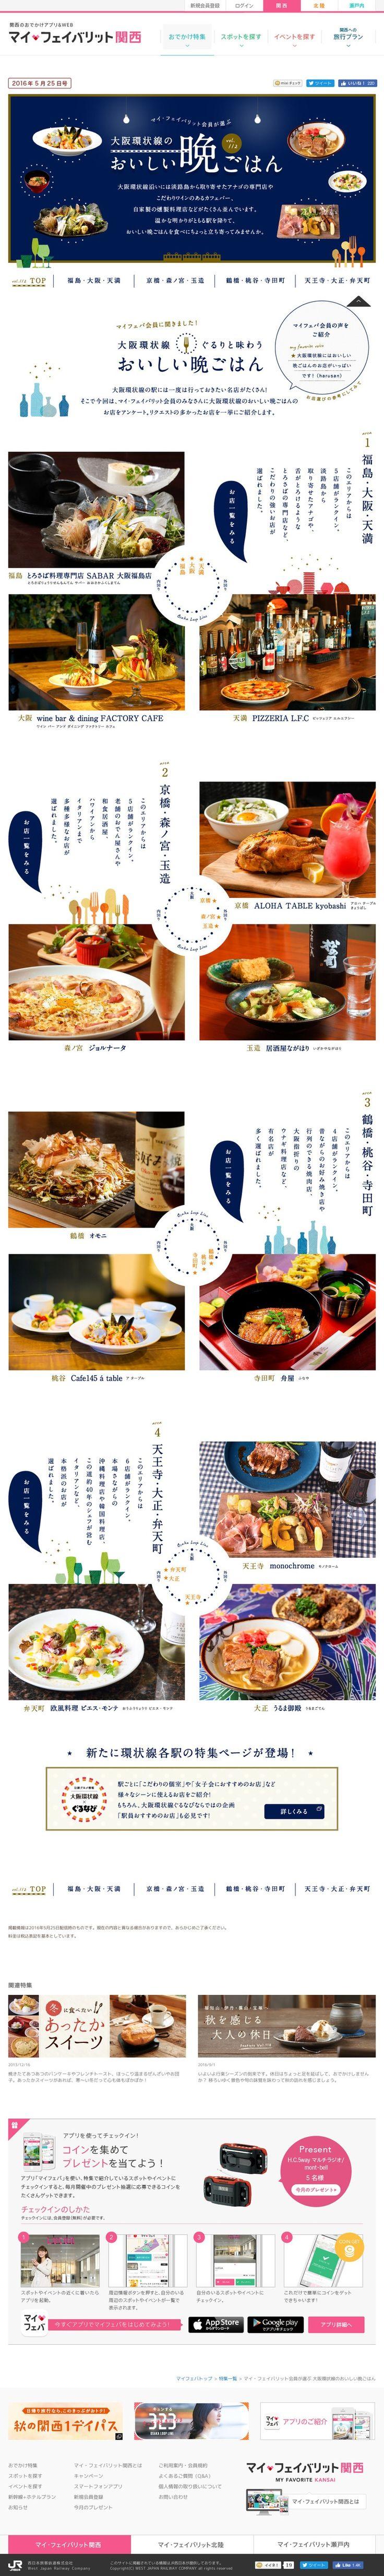 マイフェイバリット関西 おいしい晩御飯  Website 'http://www.my-fav.jp/feature/112/' snapped on Snapito.com